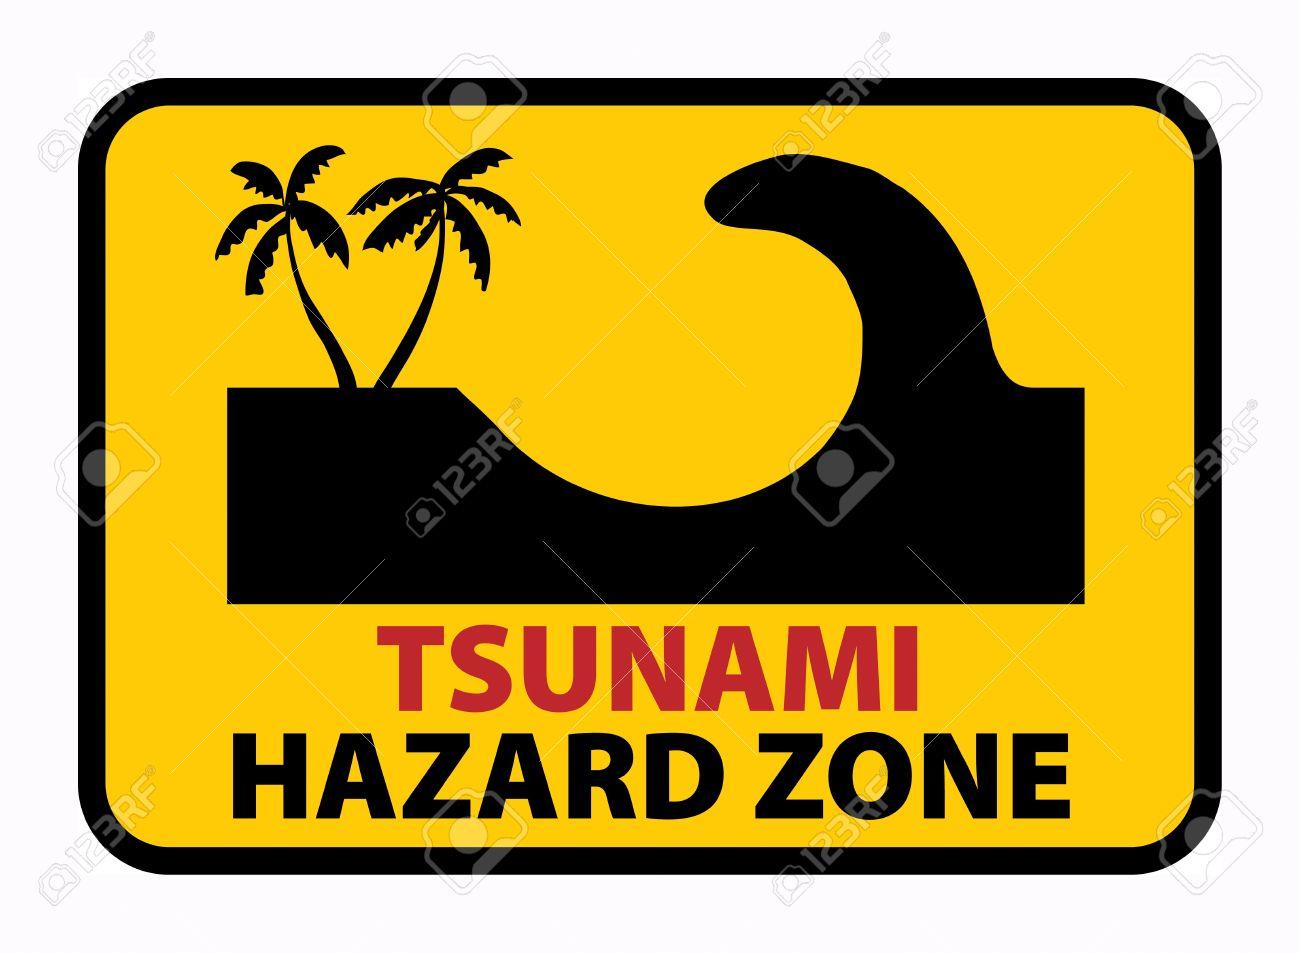 Tsunami Hazard Zone sign Stock Vector - 18246154